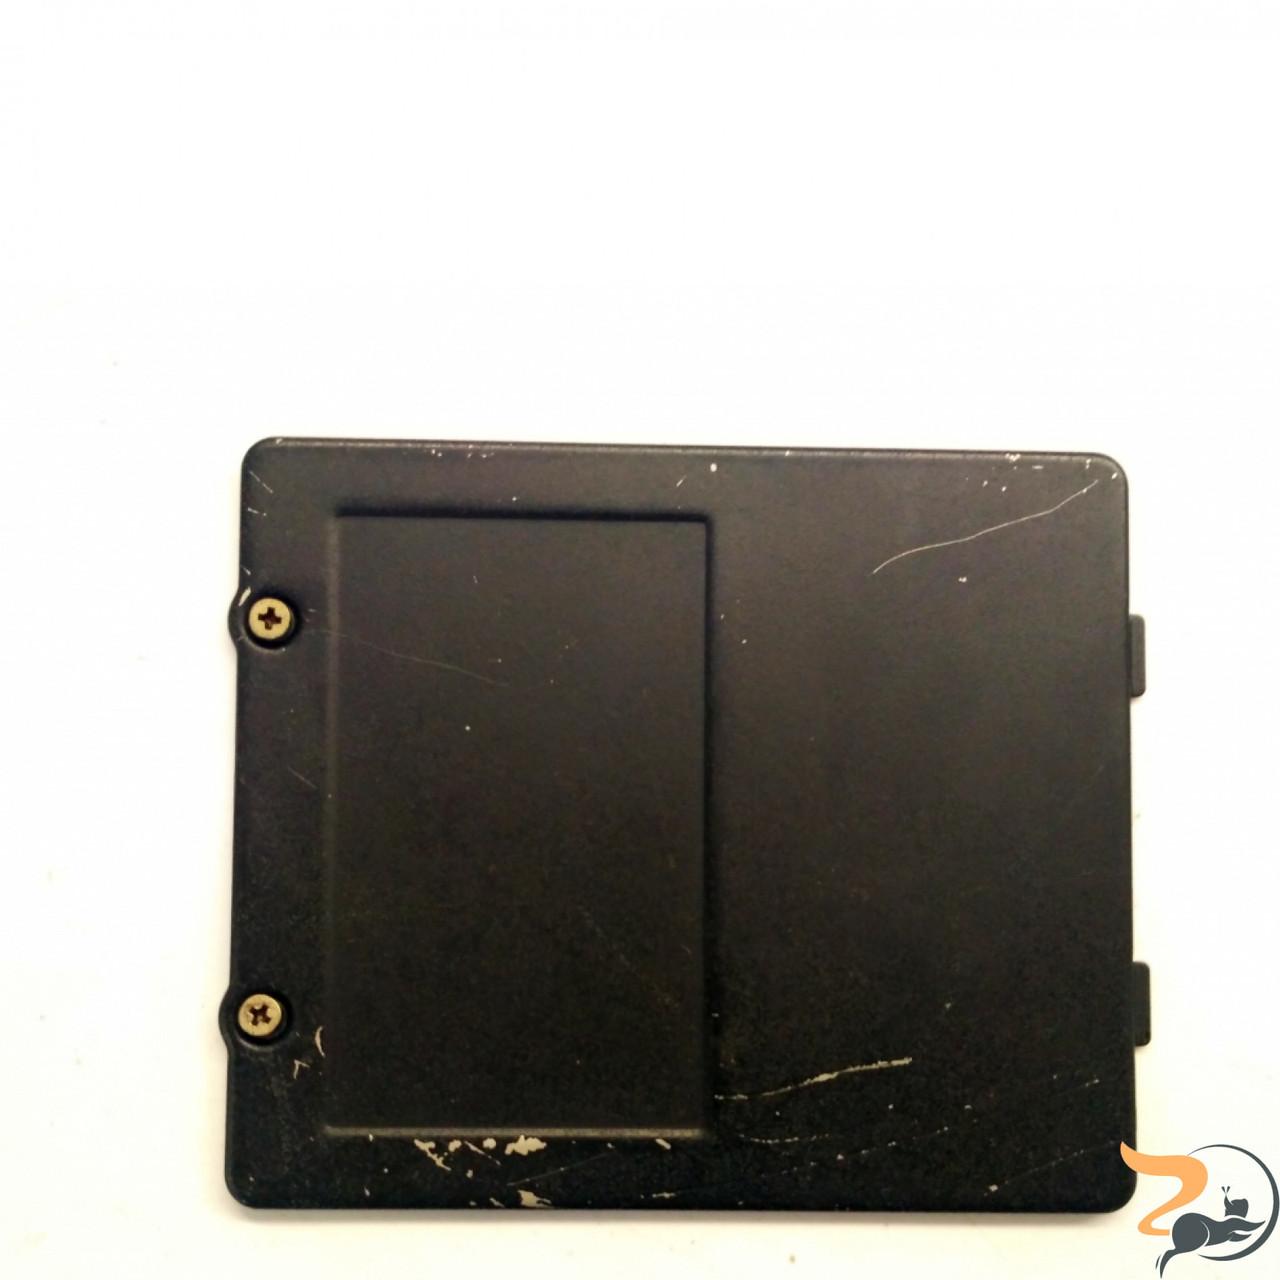 Сервісна кришка для ноутбука Compaq nx9005, Б/В. Без пошкоджень.Має подряпини.